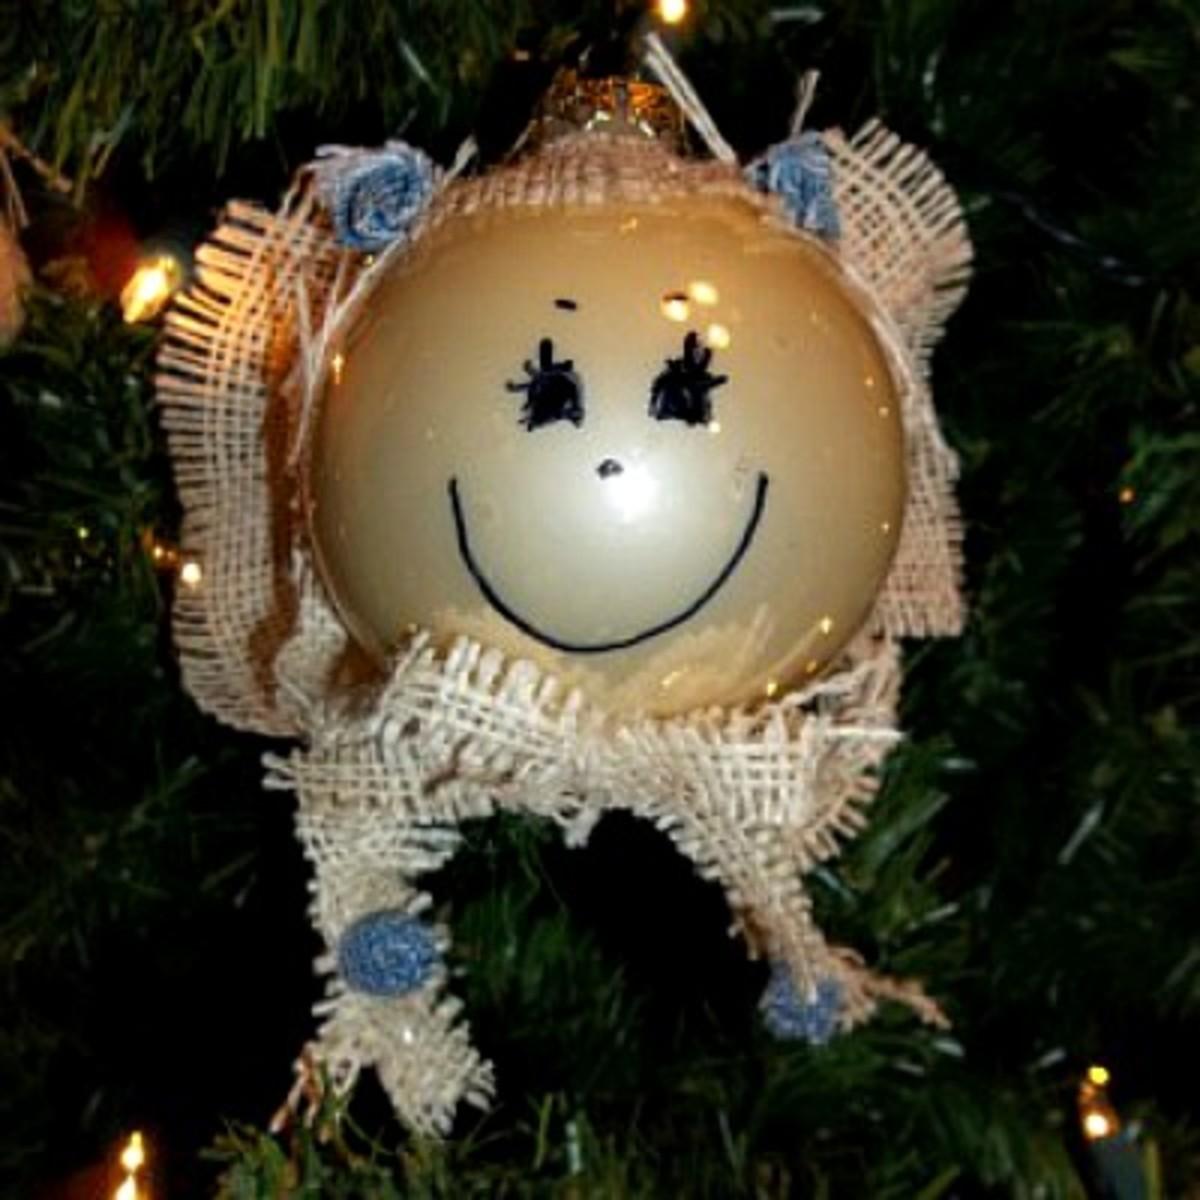 burlap christmas decorations for sale burlap christmas ornaments to make burlap christmas decorations wholesale